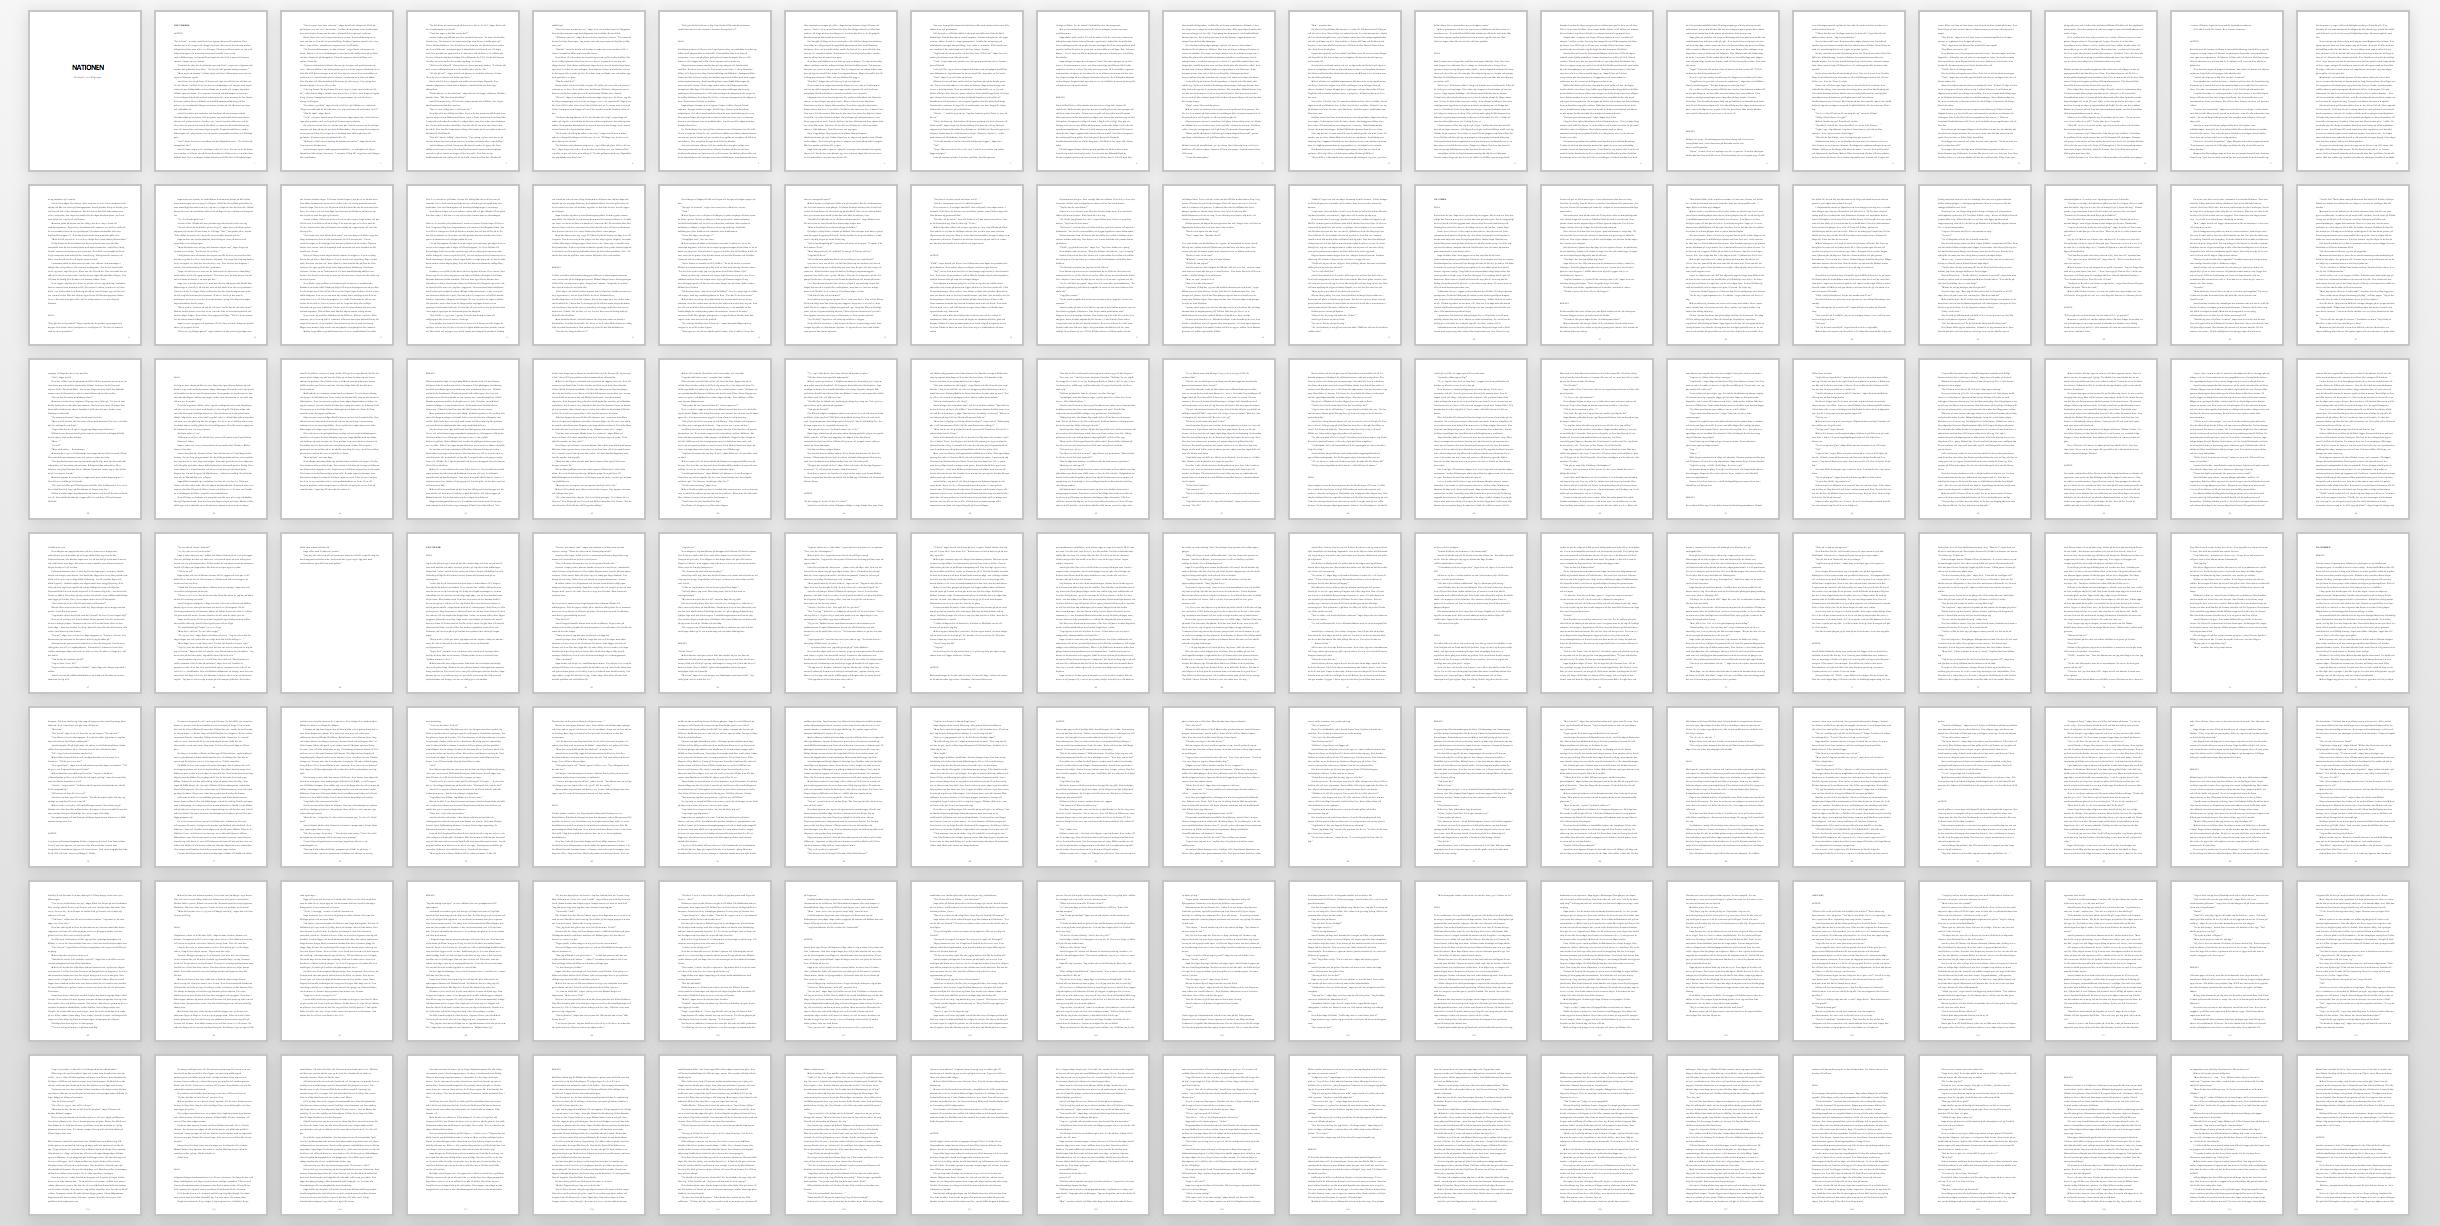 Nästan hela manuset. Sjukt hur mycket text?! Drygt 76 000 ord eller 430 000 tecken. Aldrig skrivit så långt förr!